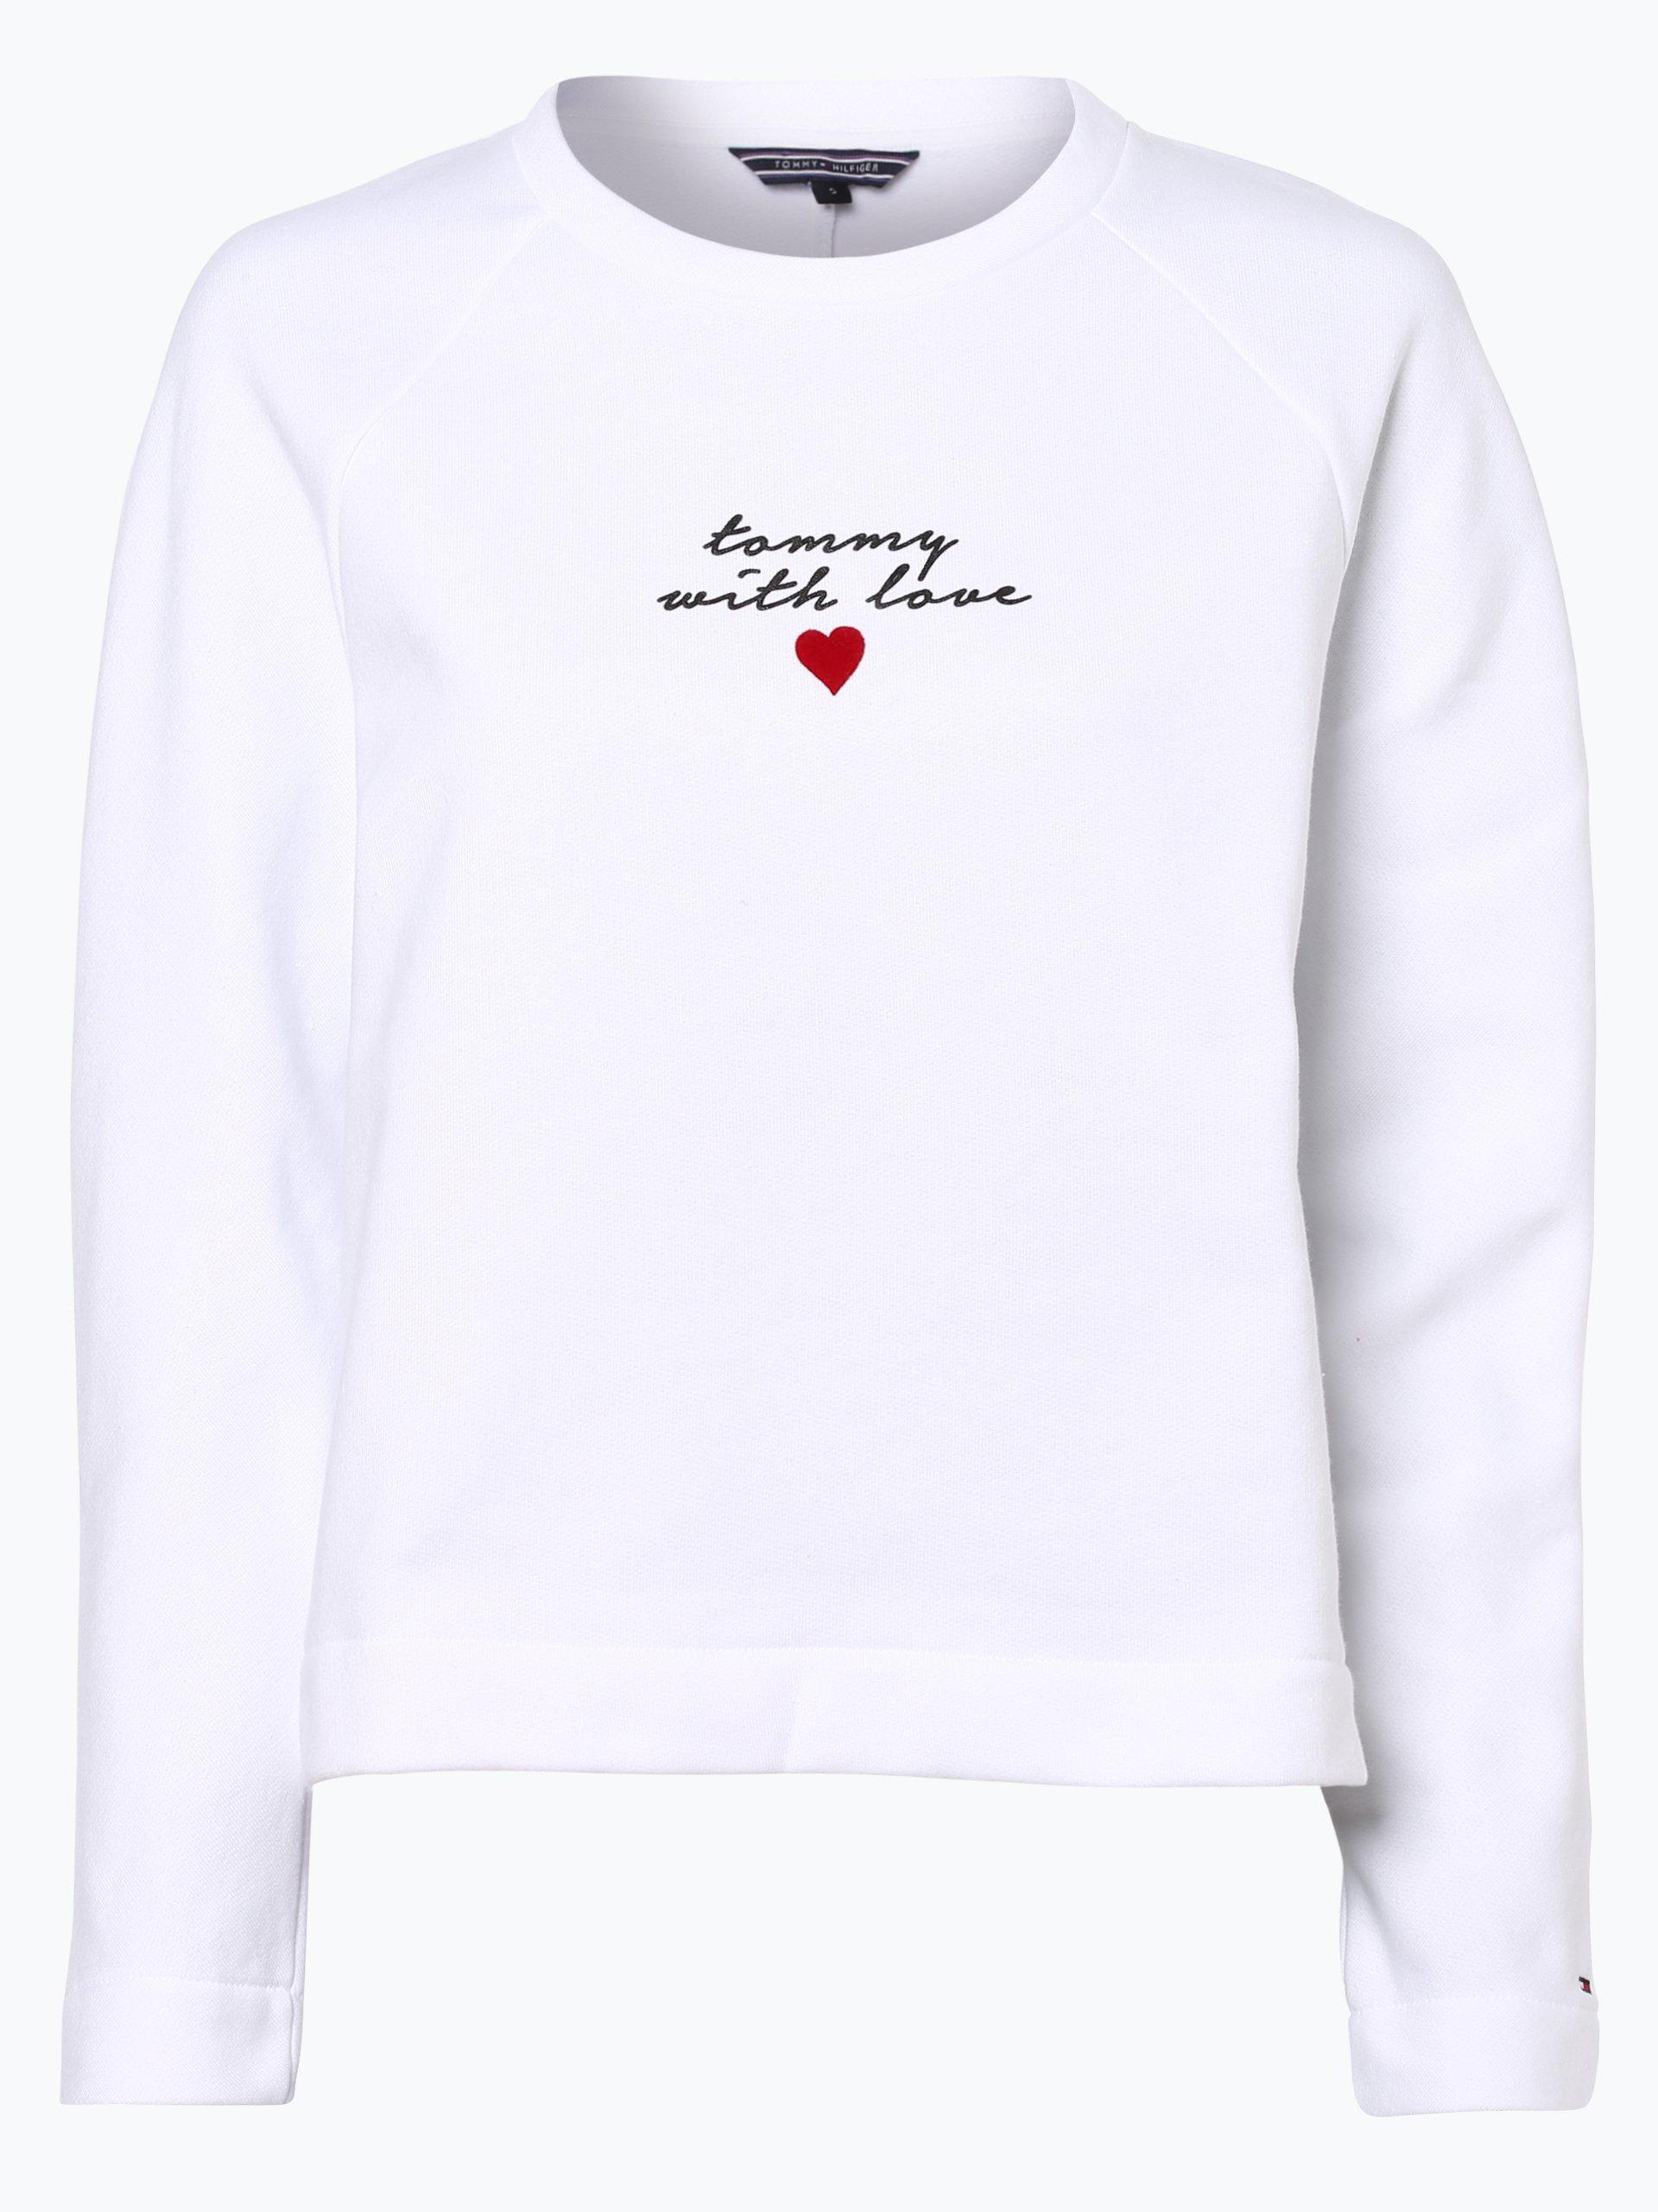 tommy hilfiger damen sweatshirt wei uni online kaufen. Black Bedroom Furniture Sets. Home Design Ideas